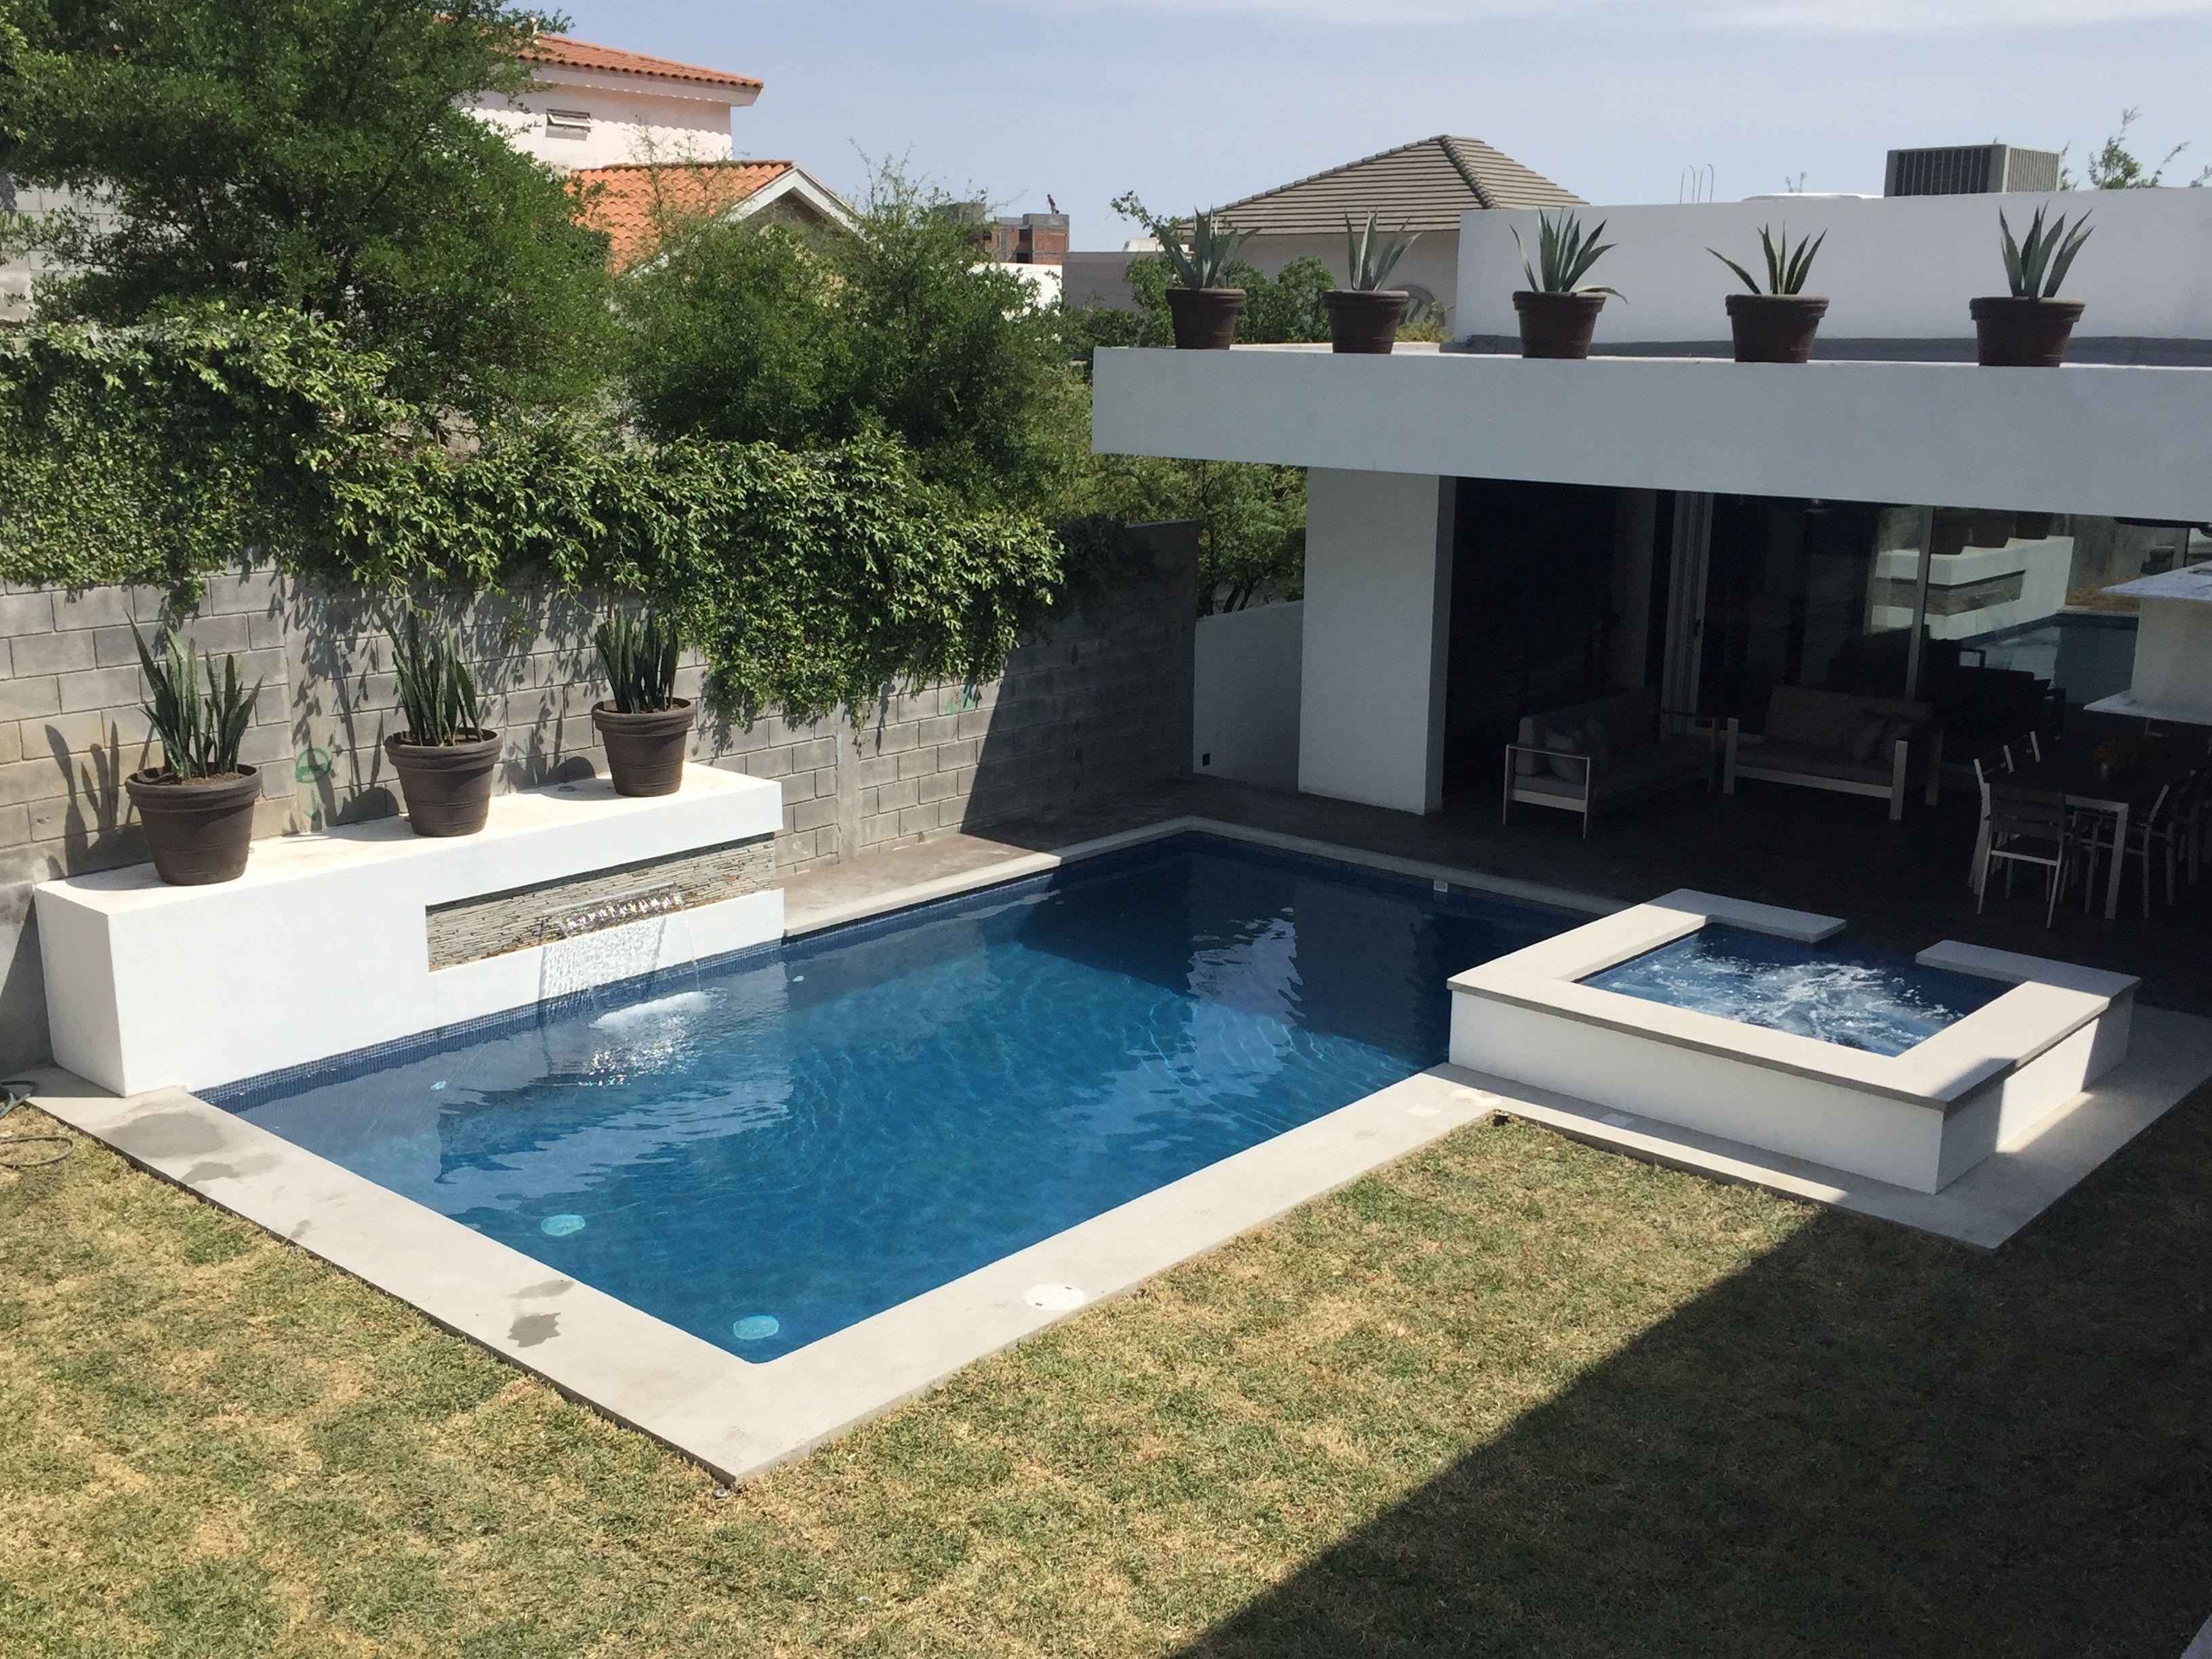 351 arquitectos piscina residencial de x con for Piscinas con jacuzzi incorporado